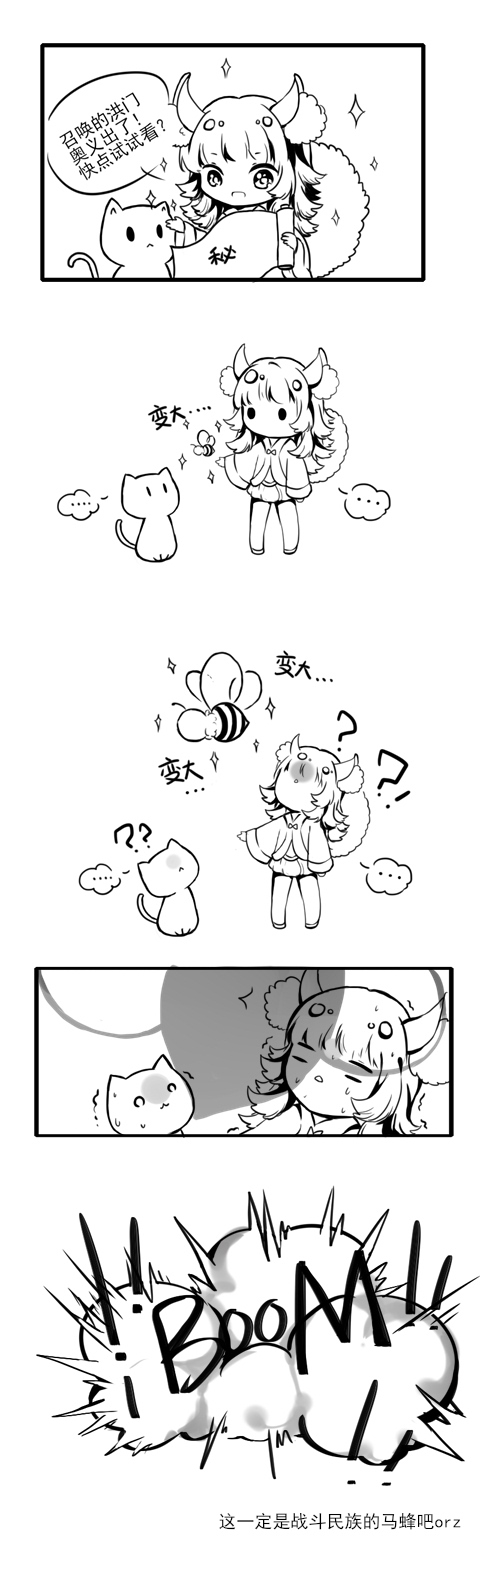 马蜂.jpg